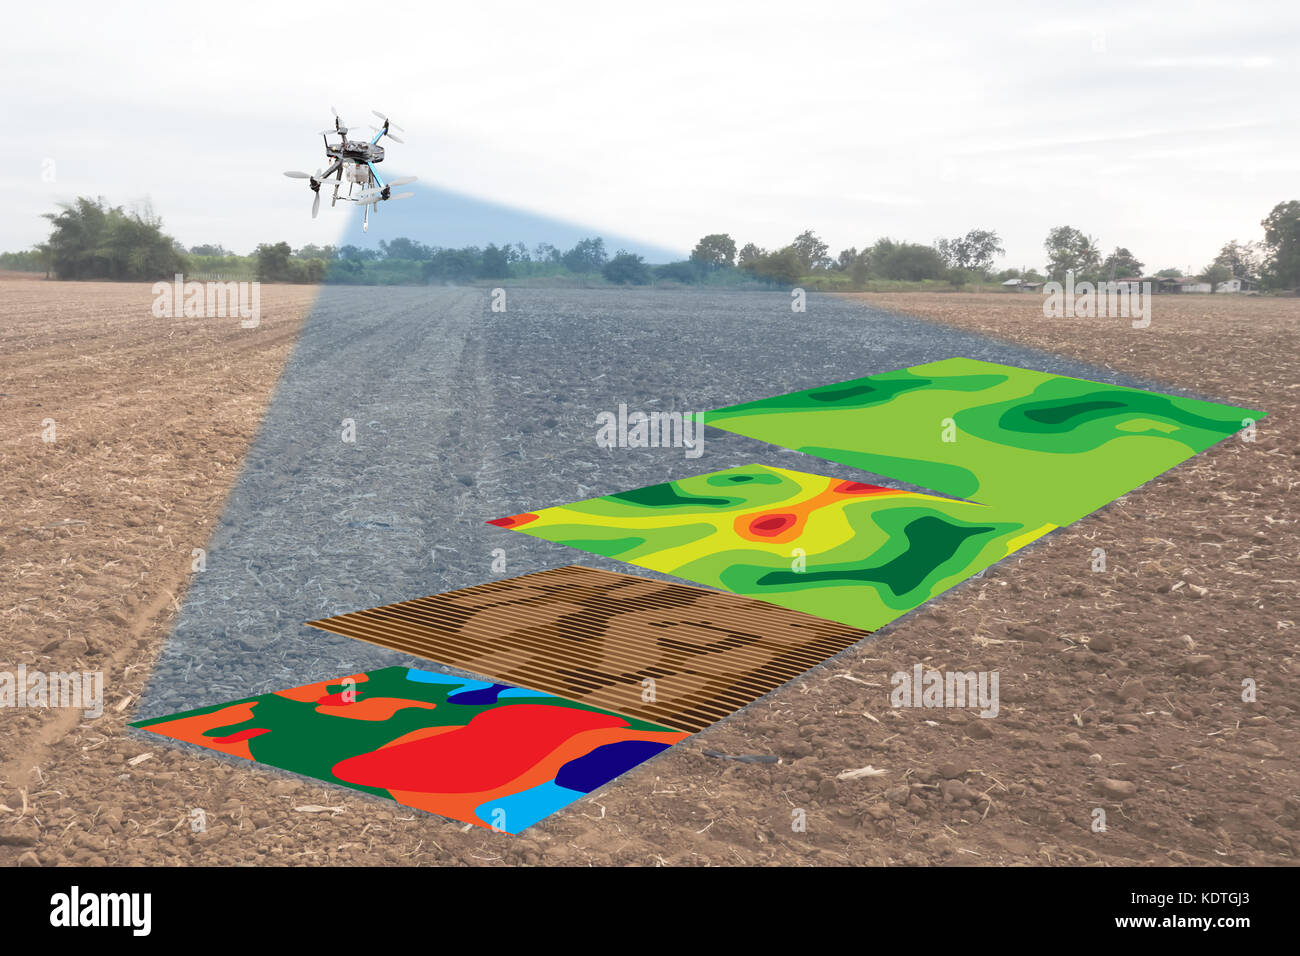 Acheter drone prix drone avec camera au maroc